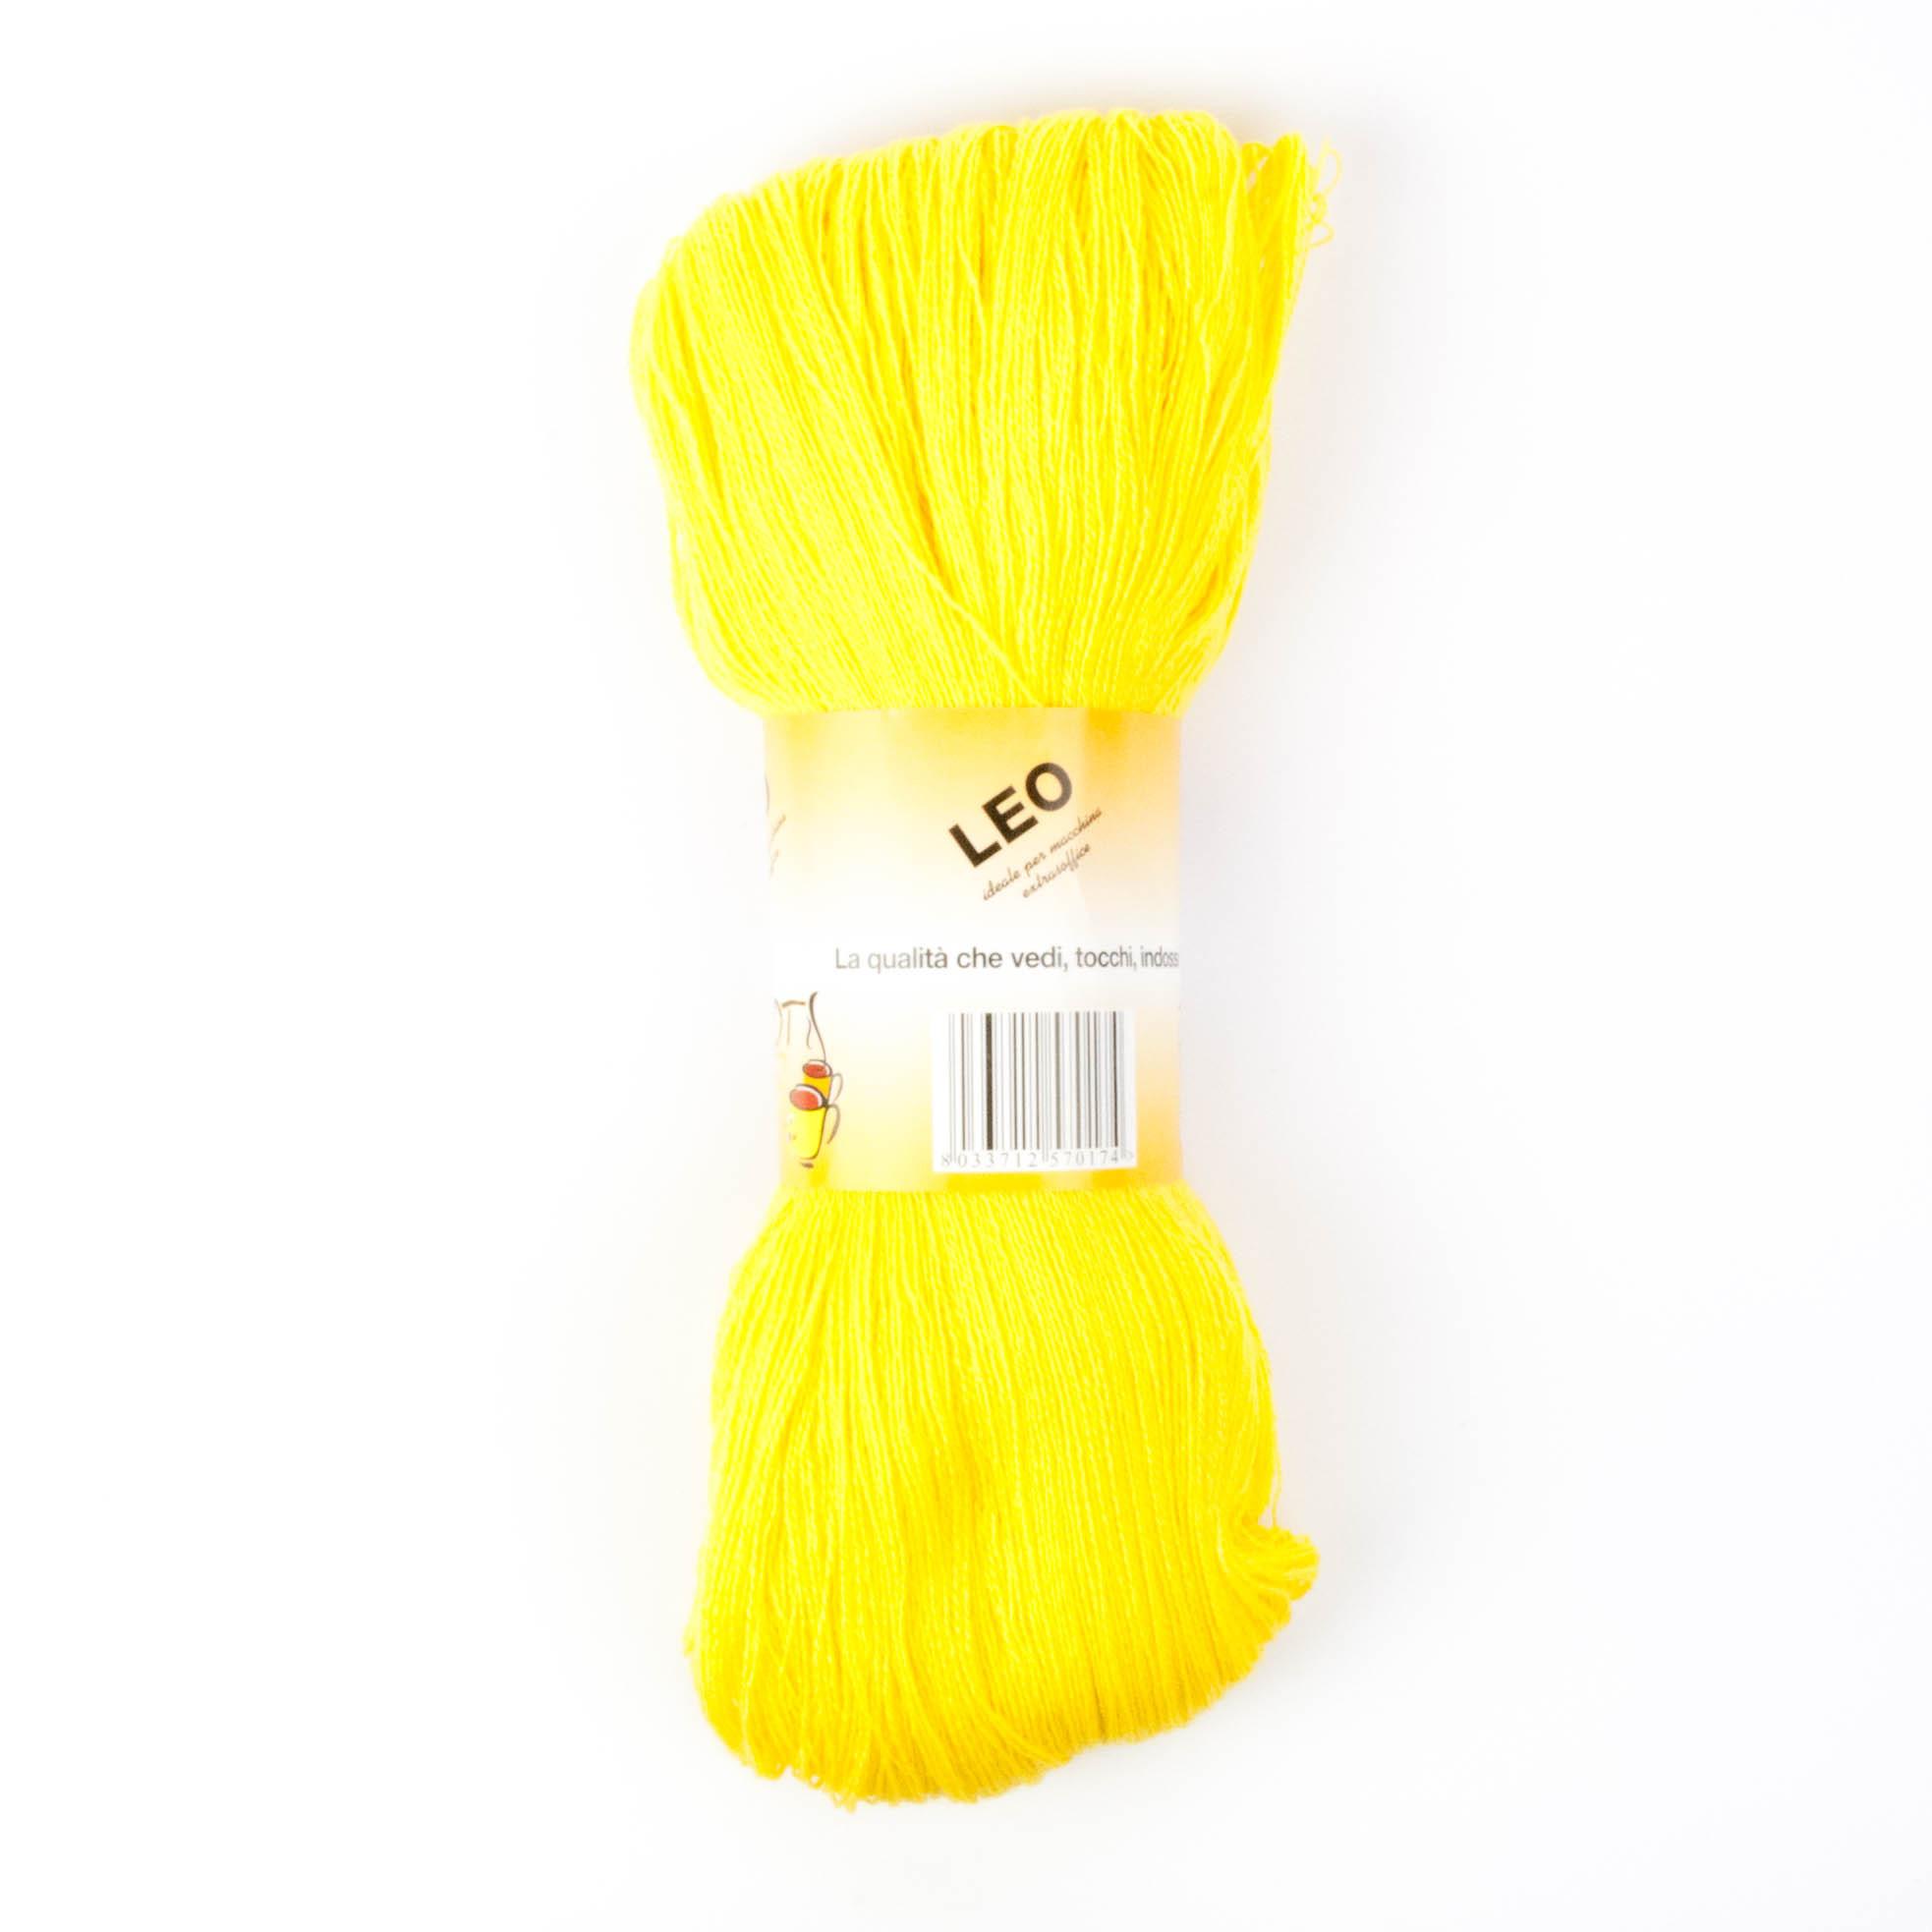 Leo - Matassa misto lana ideale per lavori a mano e macchina - Giallo 26